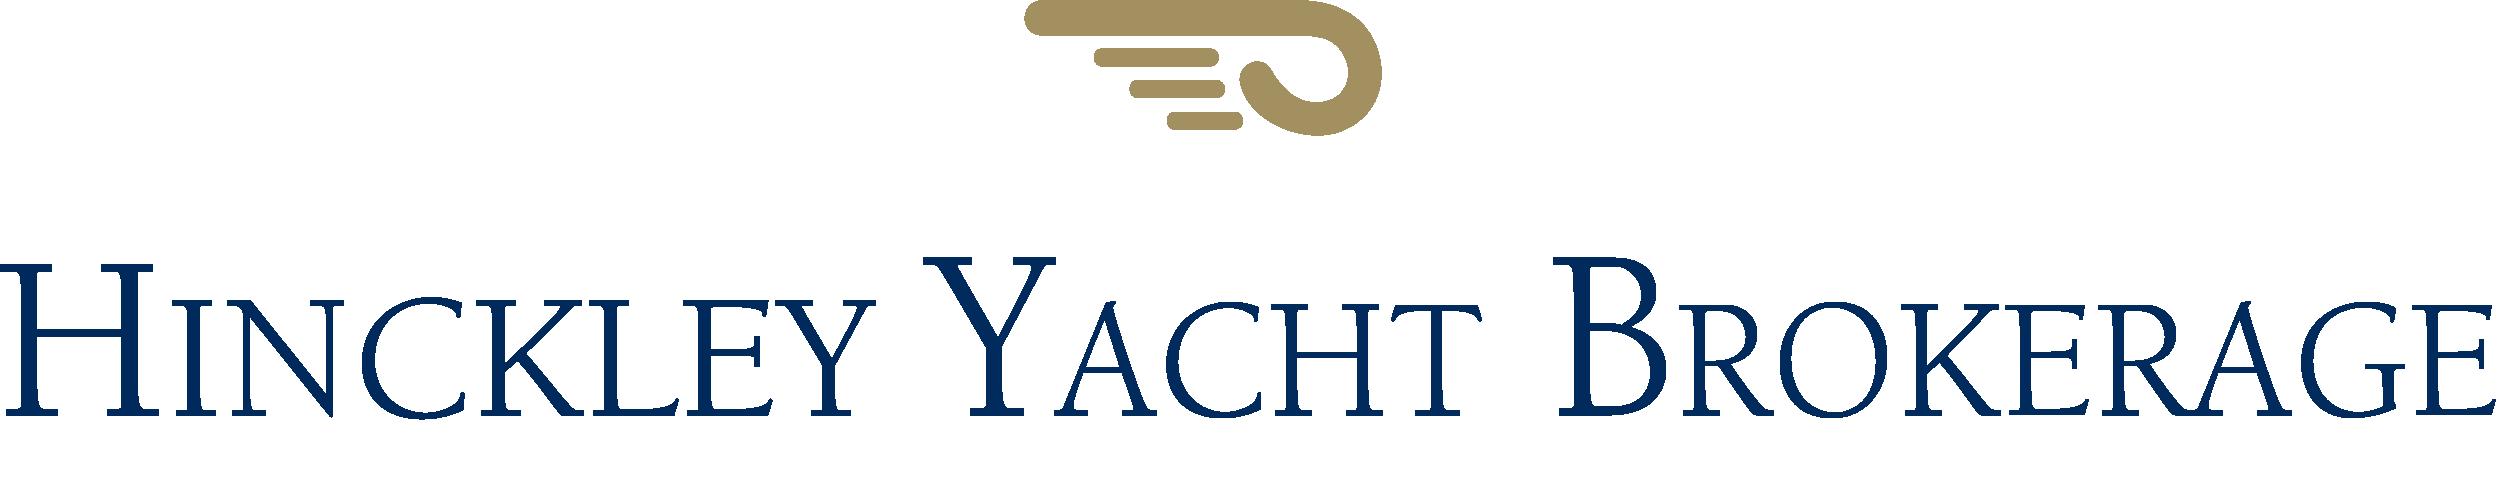 Hinckley Yacht Brokerage Logo